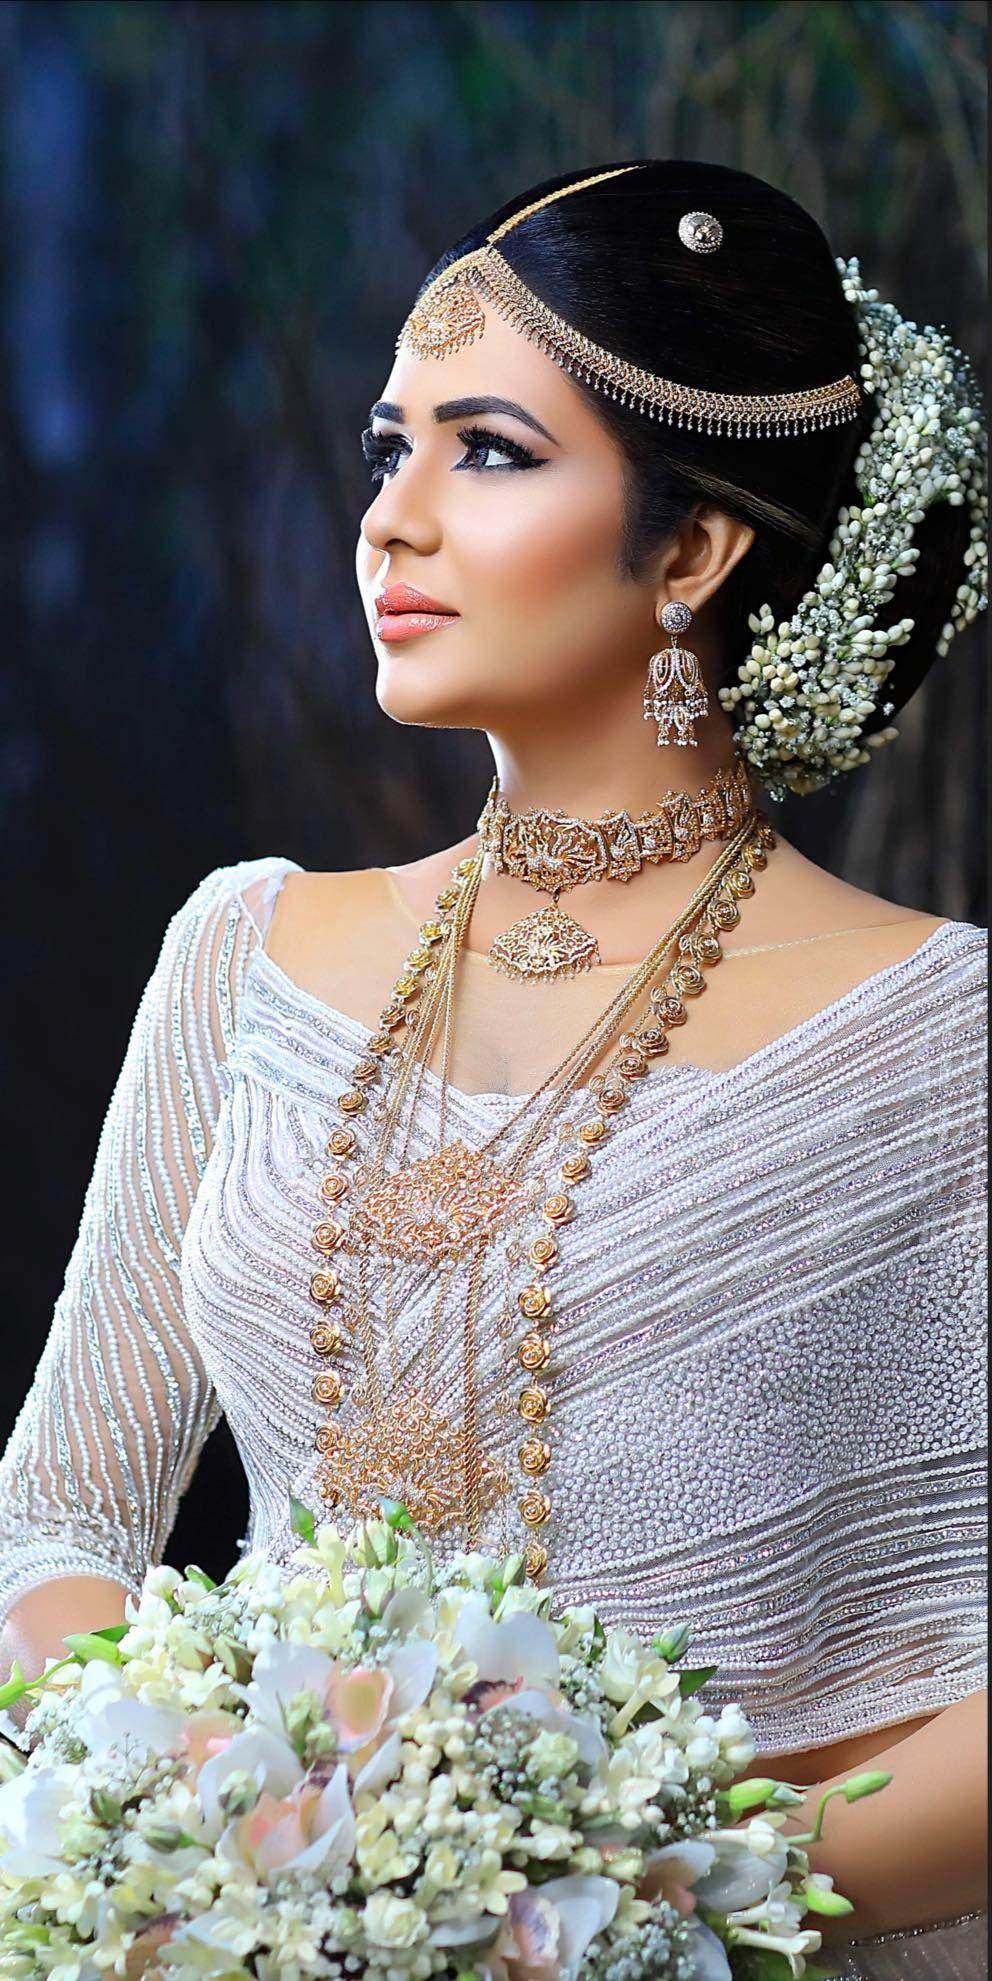 Pin By Suthanya Gugathasan On Sri Lankan Weddings Bridal Wedding Dresses Bridesmaid Saree Bridal Dresses